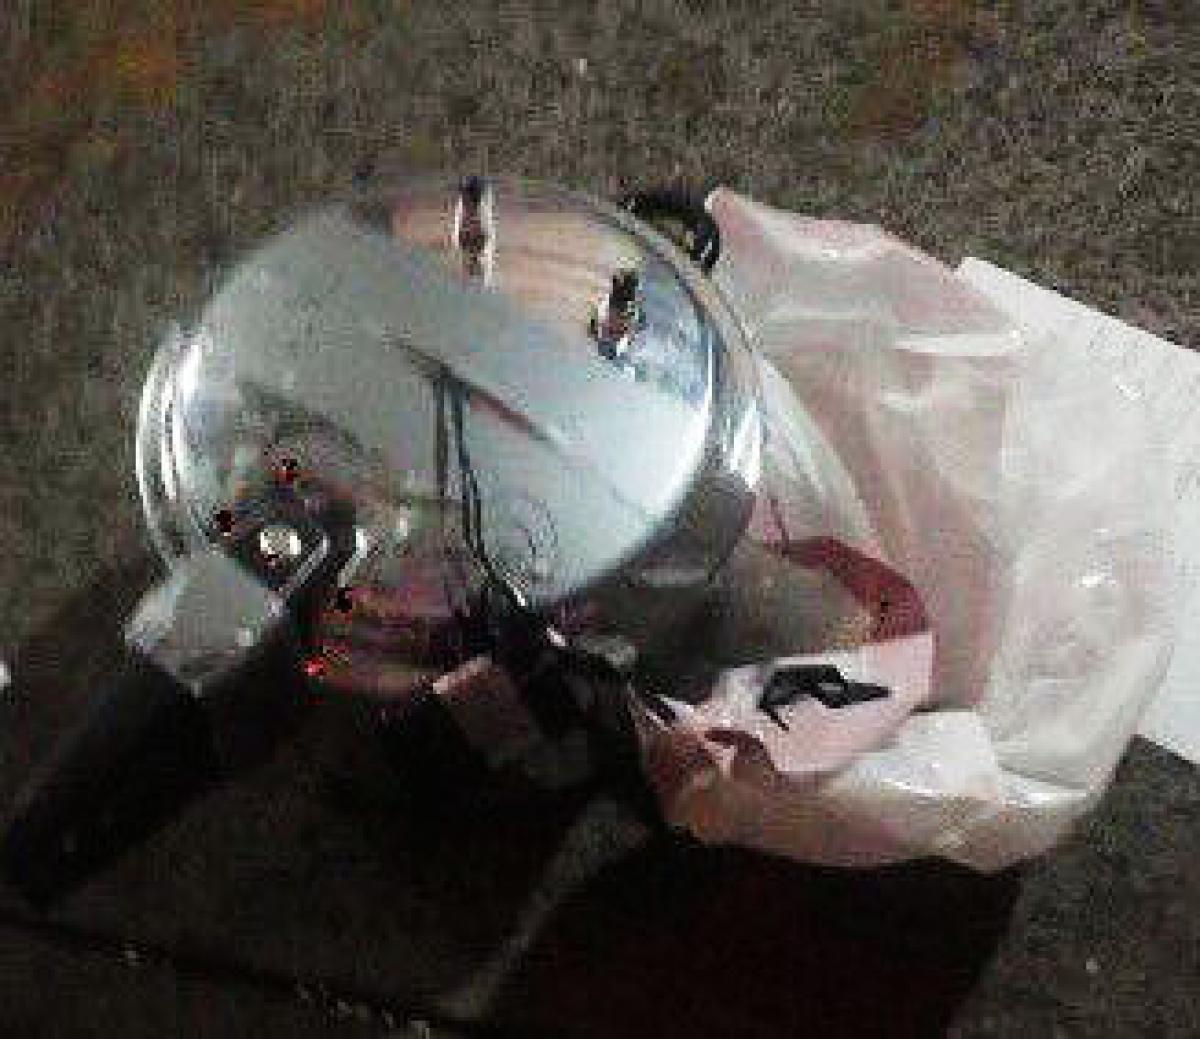 當局在曼克頓爆炸案現場附近發現另一爆炸裝置,同為一個連接電線及手機的壓力煲。圖片來源:NYCITYALERTS/Twitter